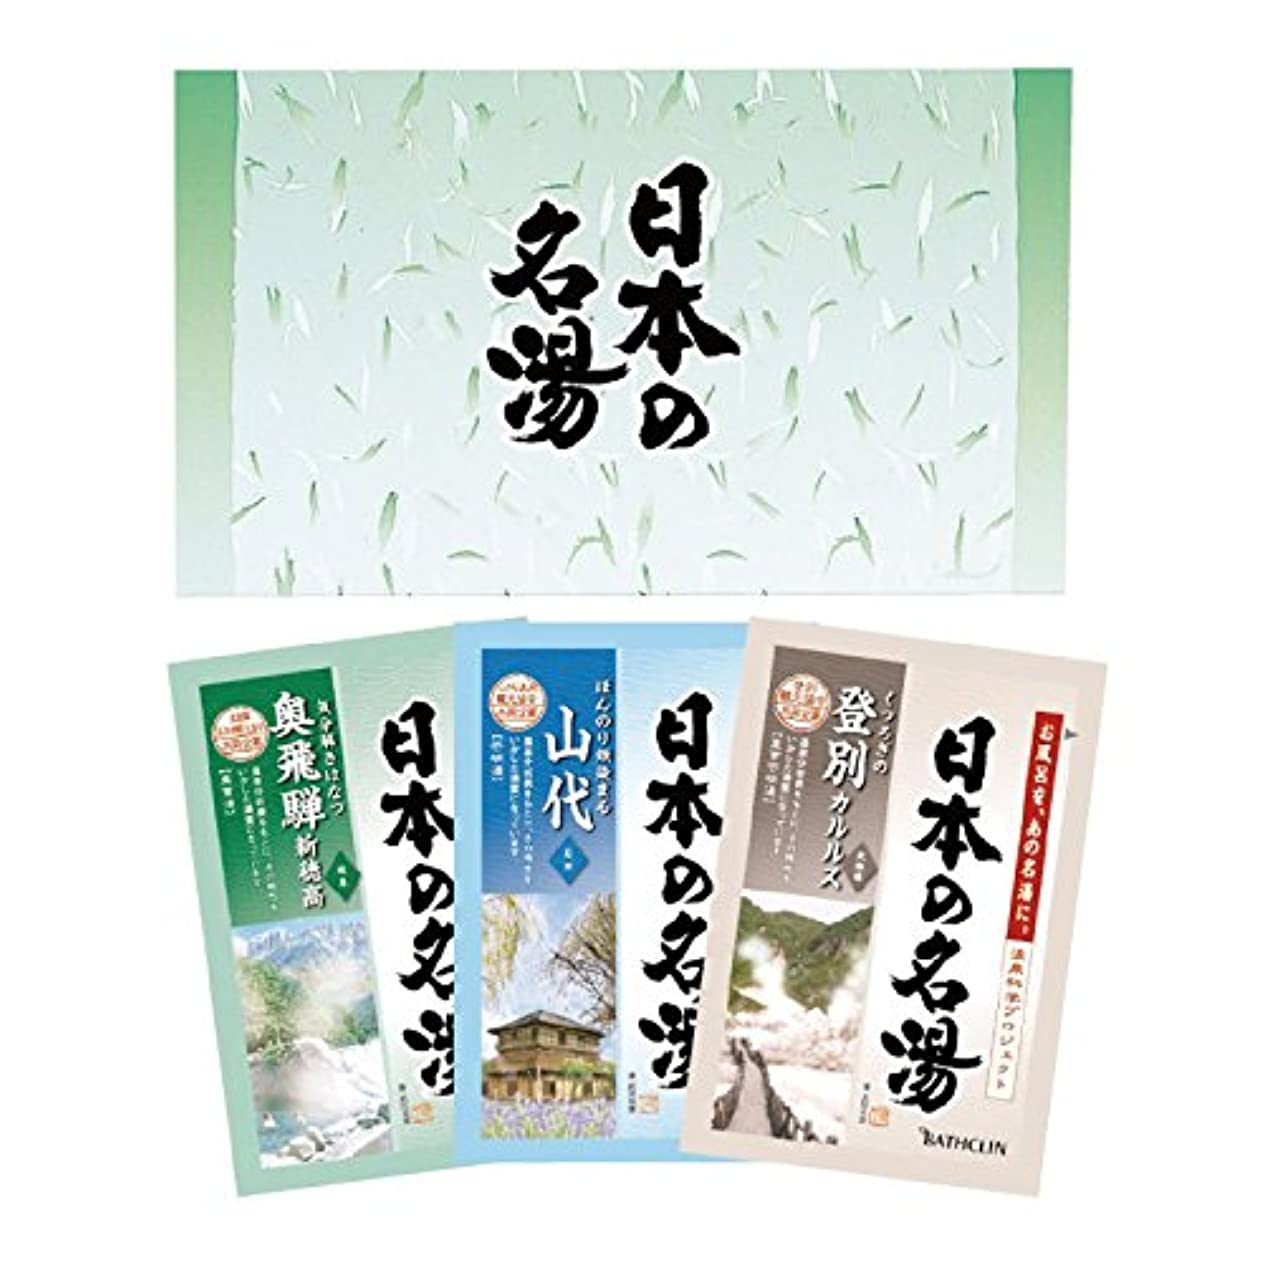 専門化する軍団ほぼ日本の名湯 入浴剤 3包入